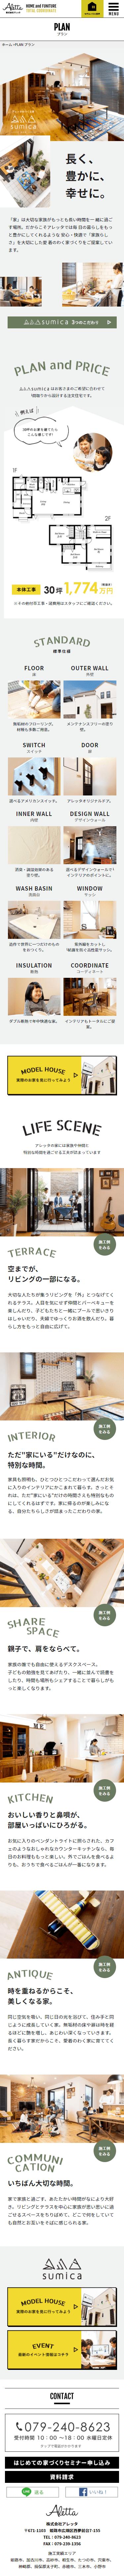 姫路市 株式会社アレッタ様 ホームページ制作4